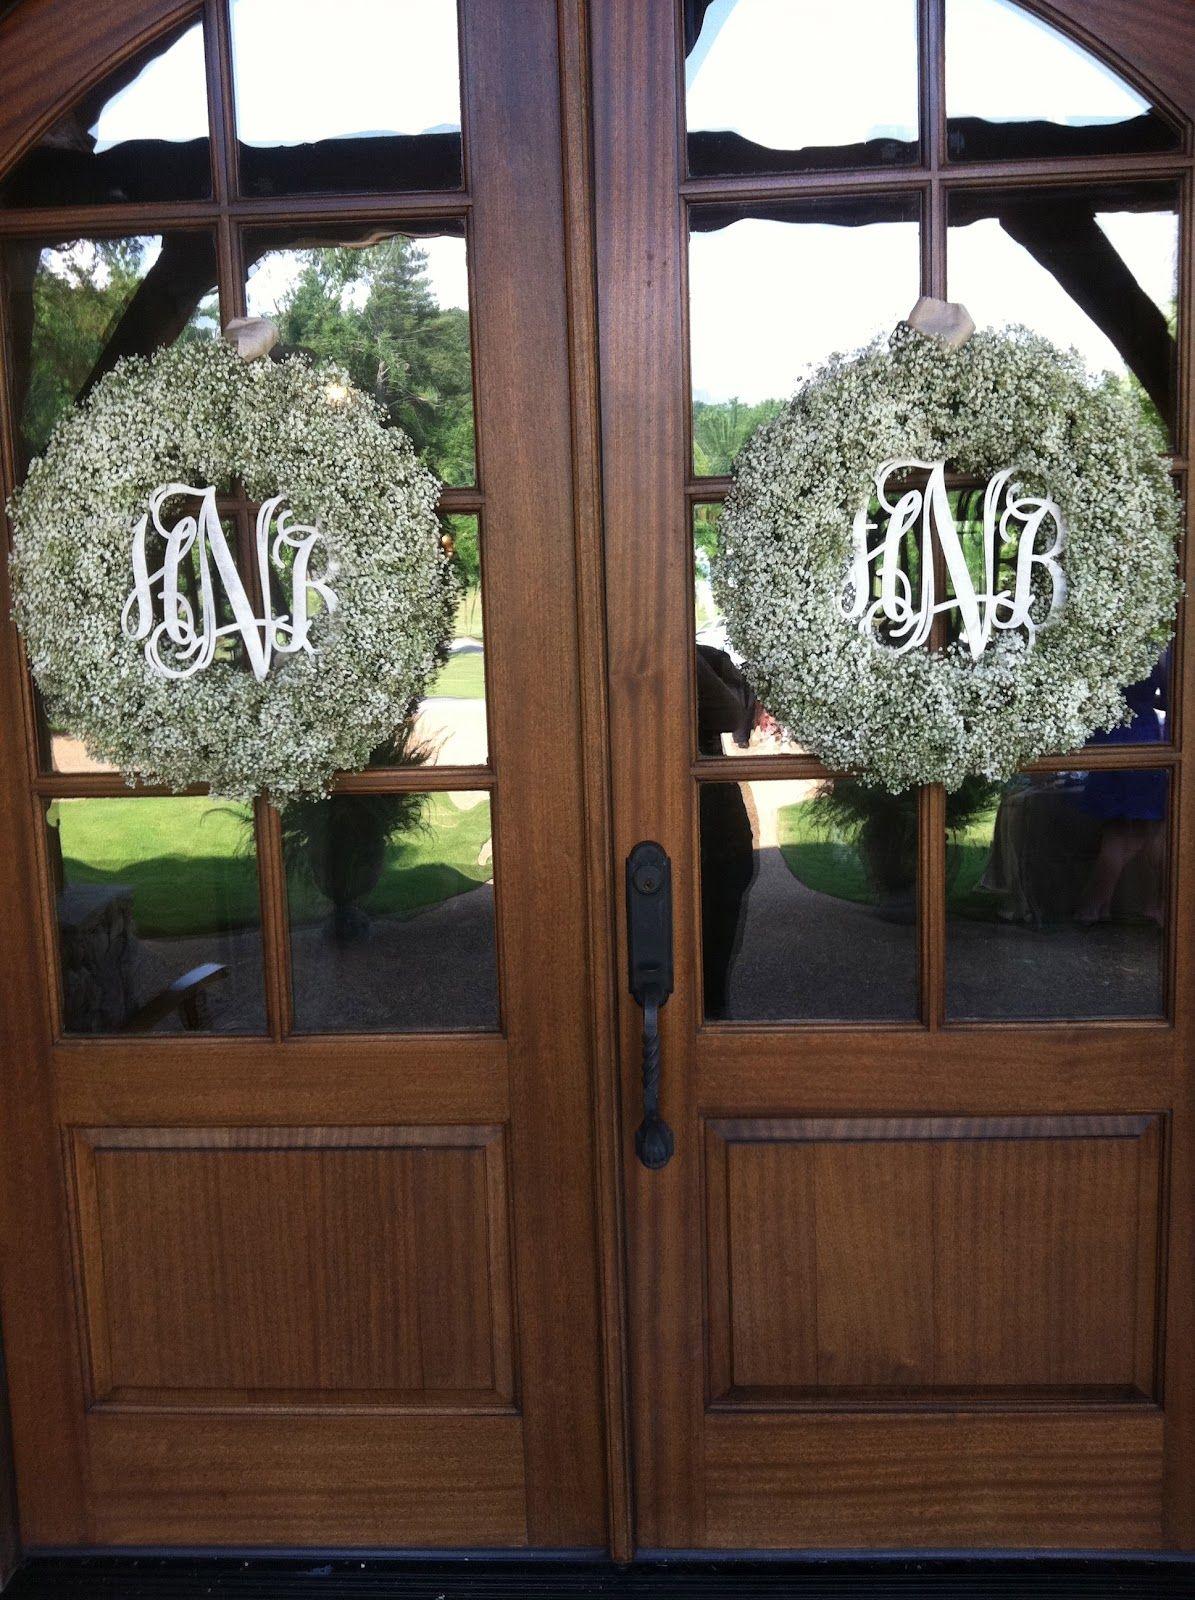 Monogram Door Wreath